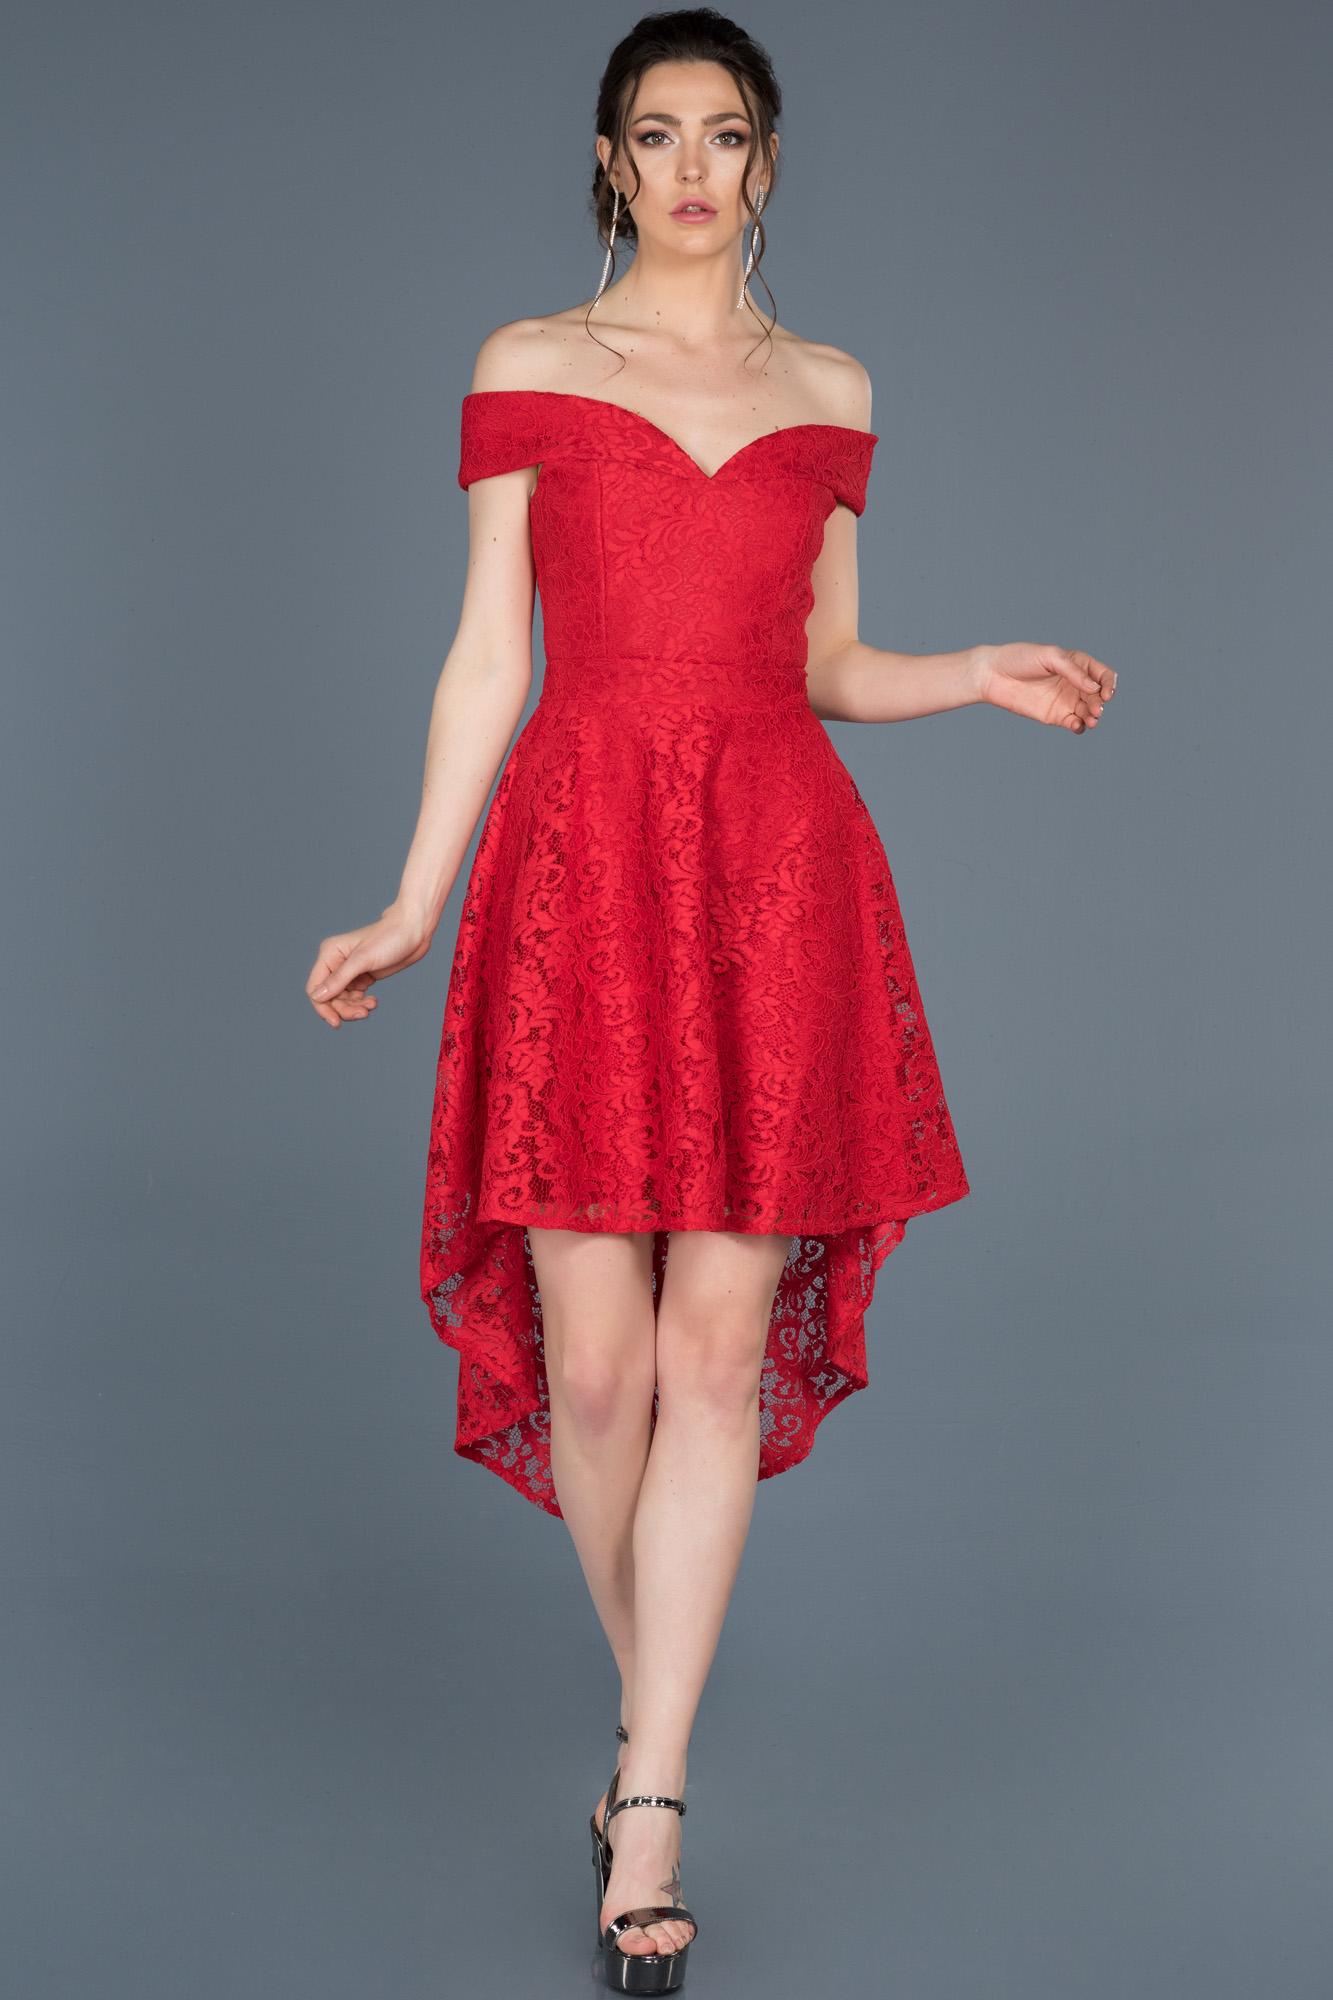 Kırmızı Önü Kısa Arkası Uzun Güpürlü Davet Elbisesi